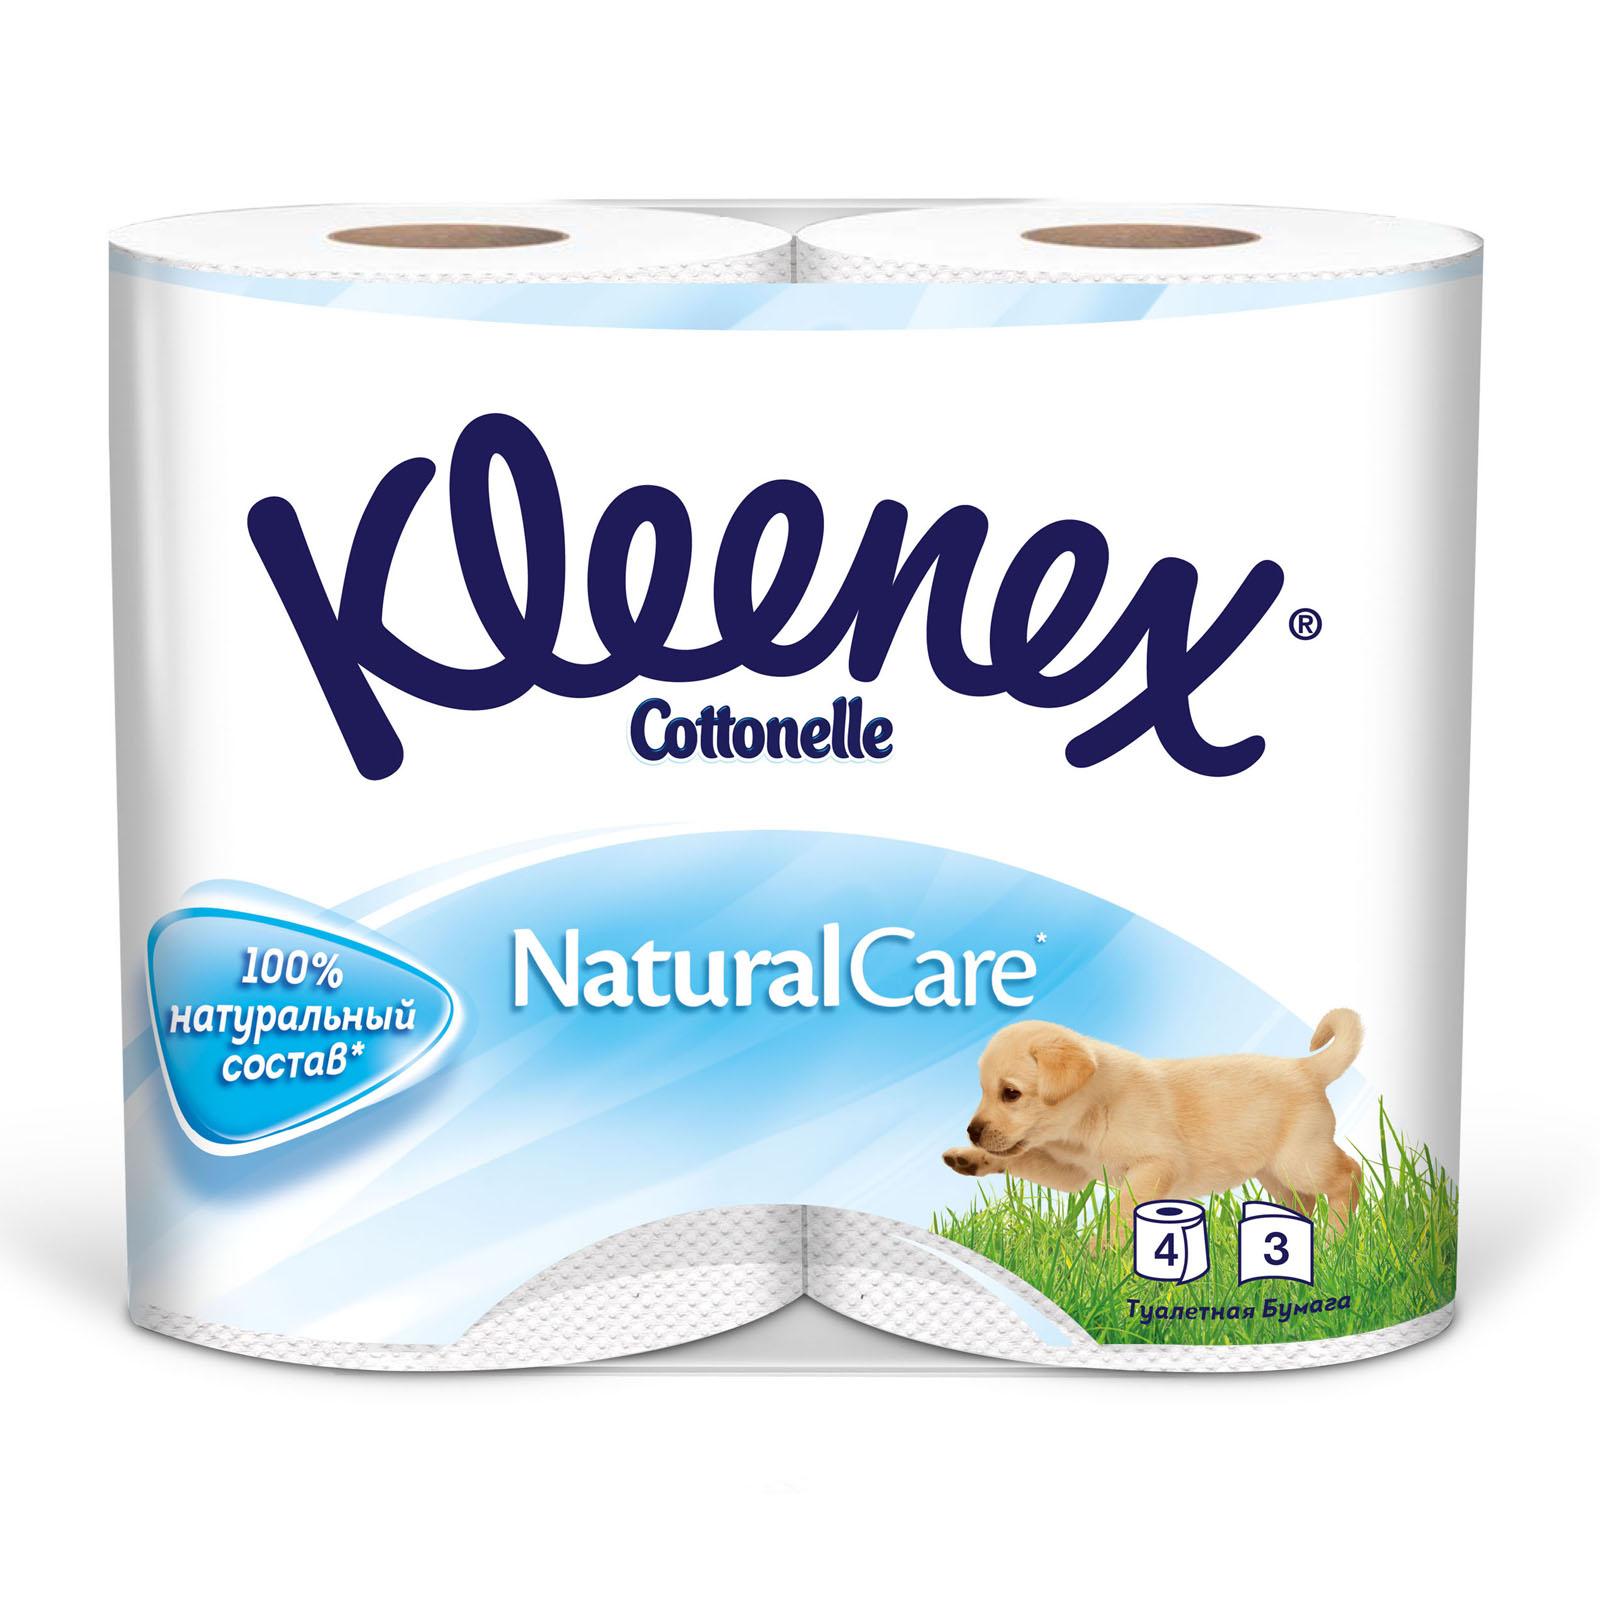 Туалетная бумага Kleenex natural (3 слоя) 4 рулона<br>